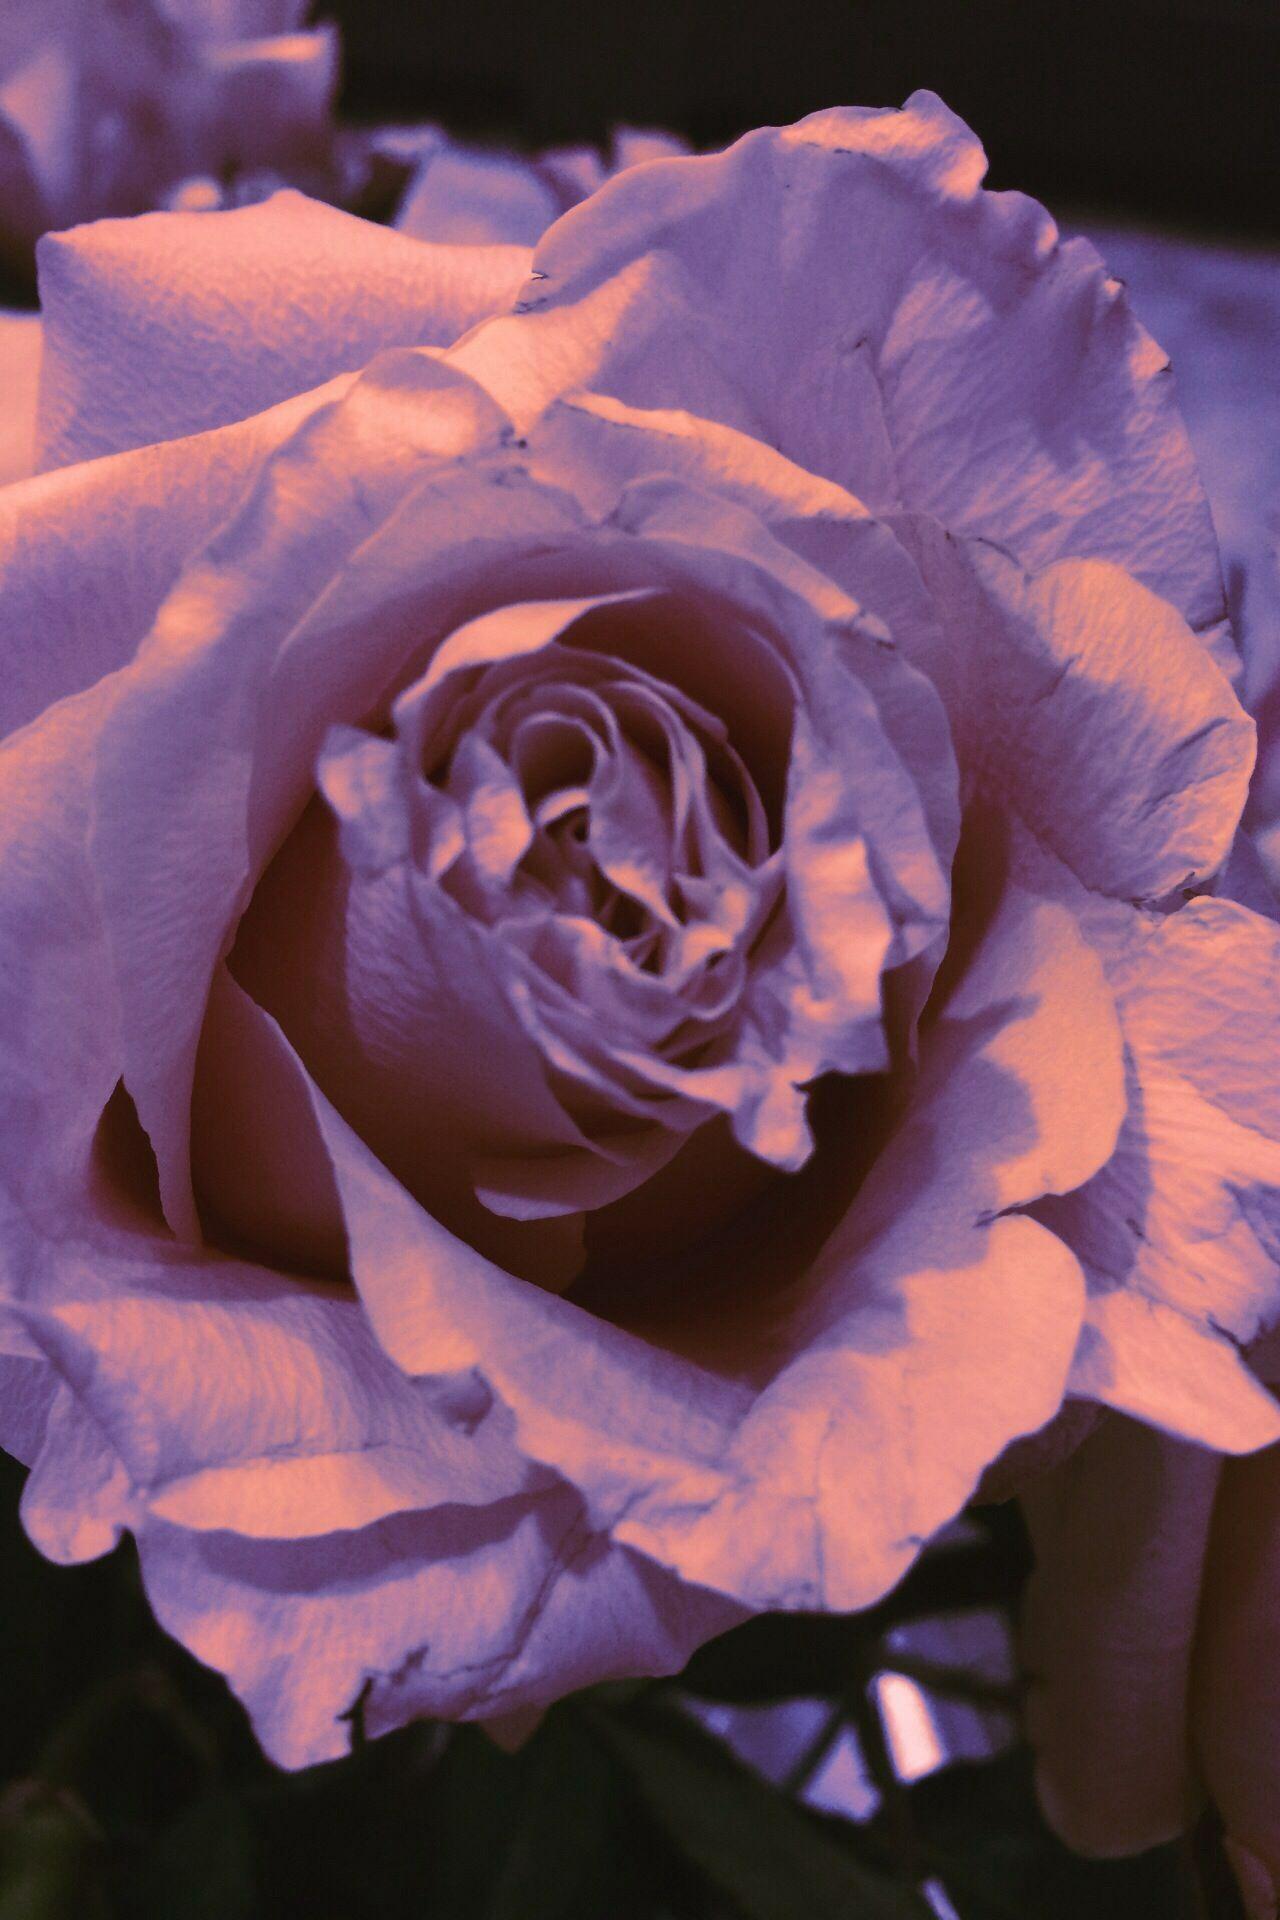 ...la ricerca del materiale e' al centro del mio lavoro....cosa ne pensate di questa variante di colore? Alessandro Tosetti www.tosettisposa.it Www.alessandrotosetti.com #abitidasposa #wedding #weddingdress #tosetti #tosettisposa #nozze #bride #alessandrotosetti